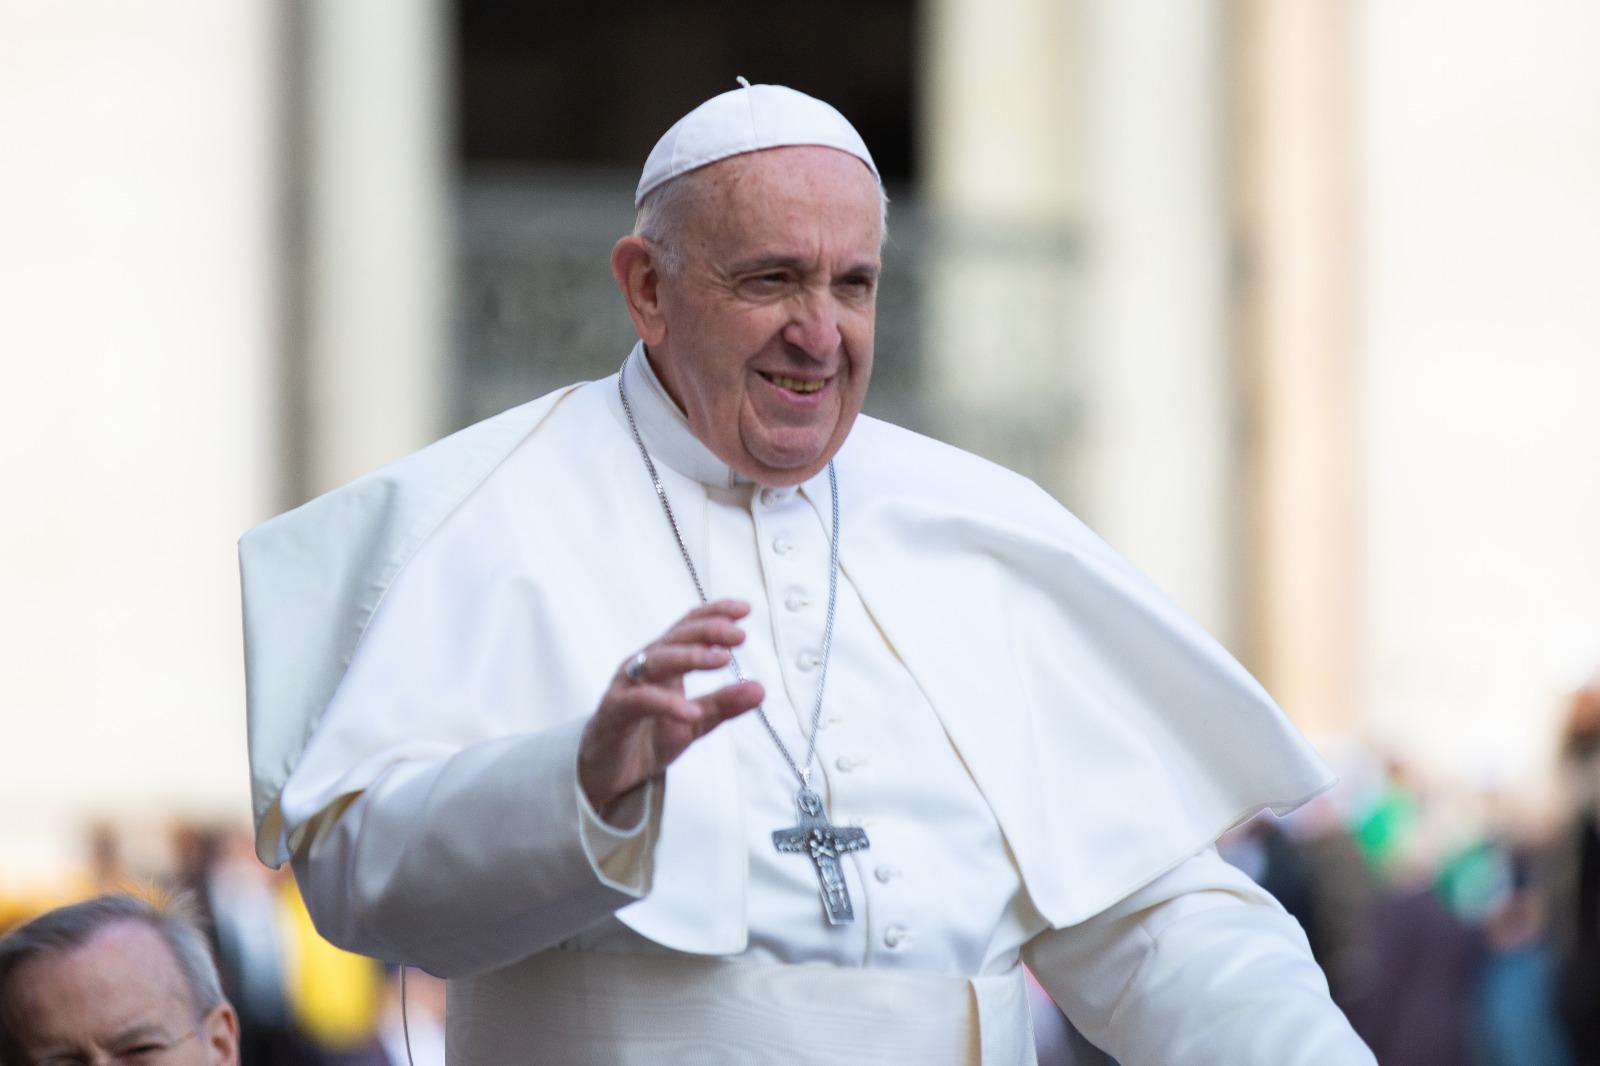 Tông huấn Hậu Thượng Hội đồng của Đức Thánh Cha Phanxico sẽ có hình thức một lá thư gửi giới trẻ